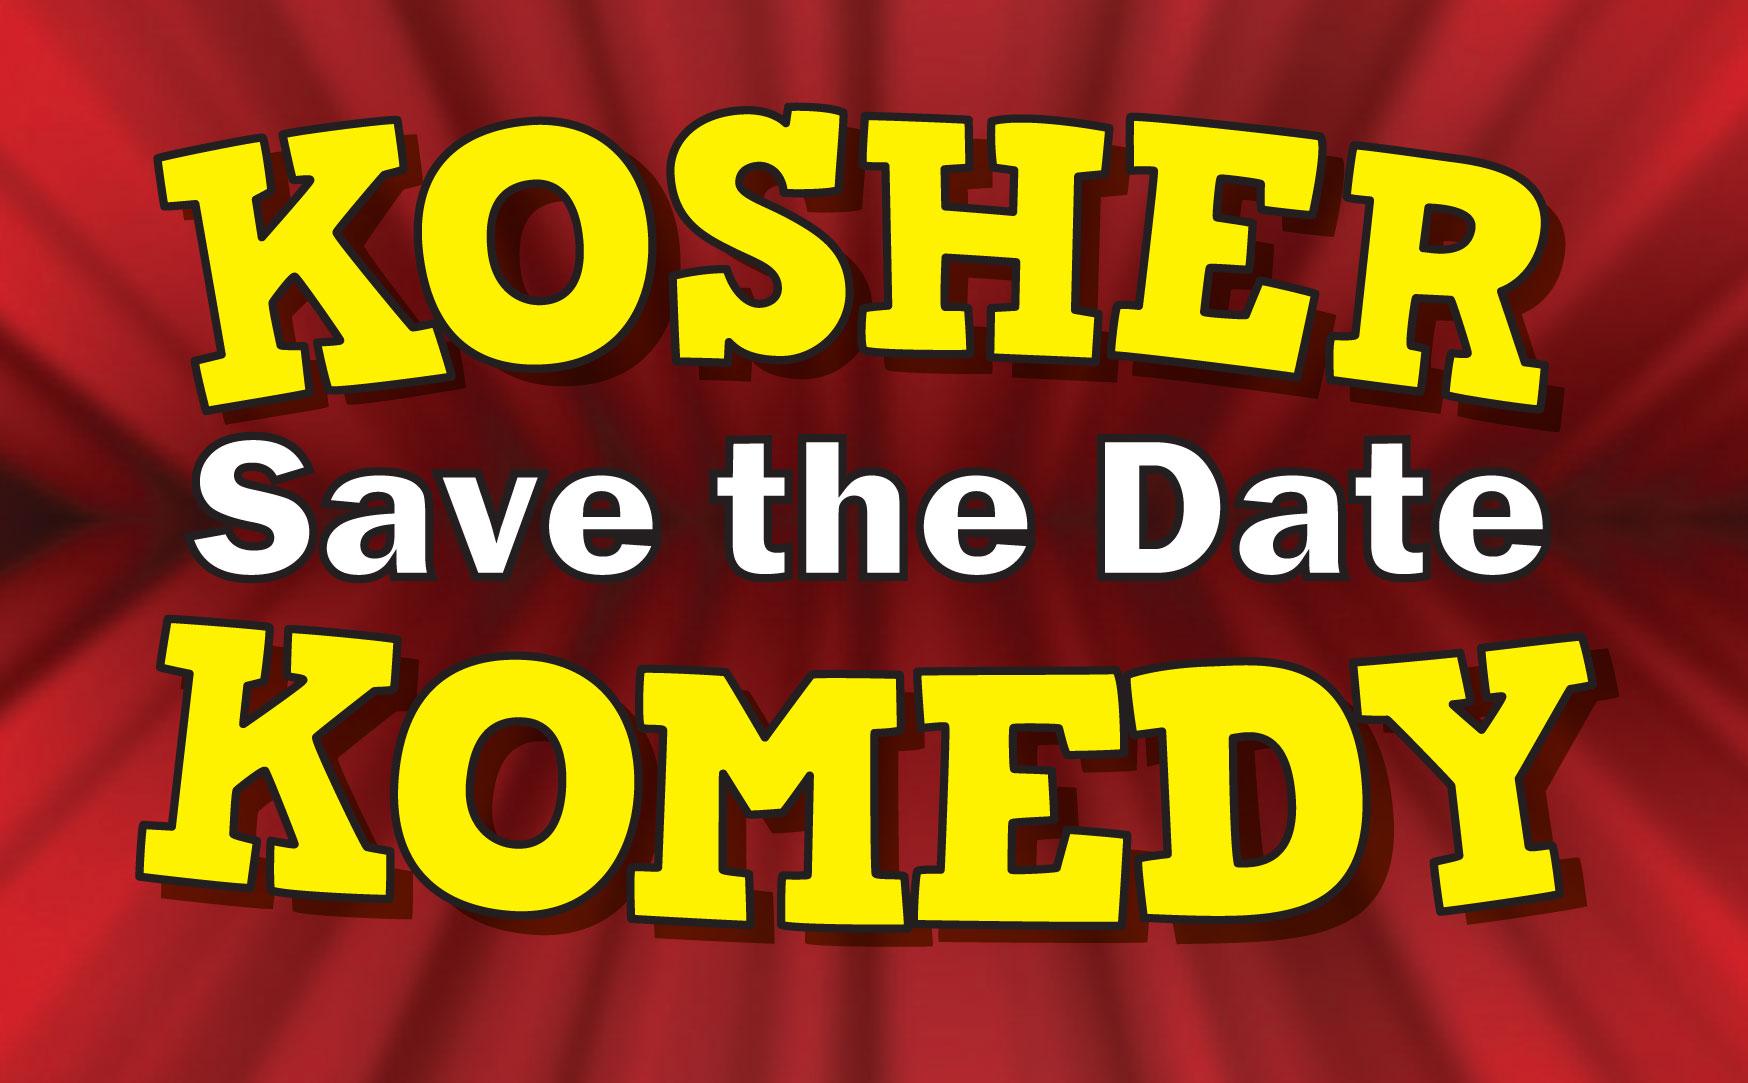 Kosher Komedy